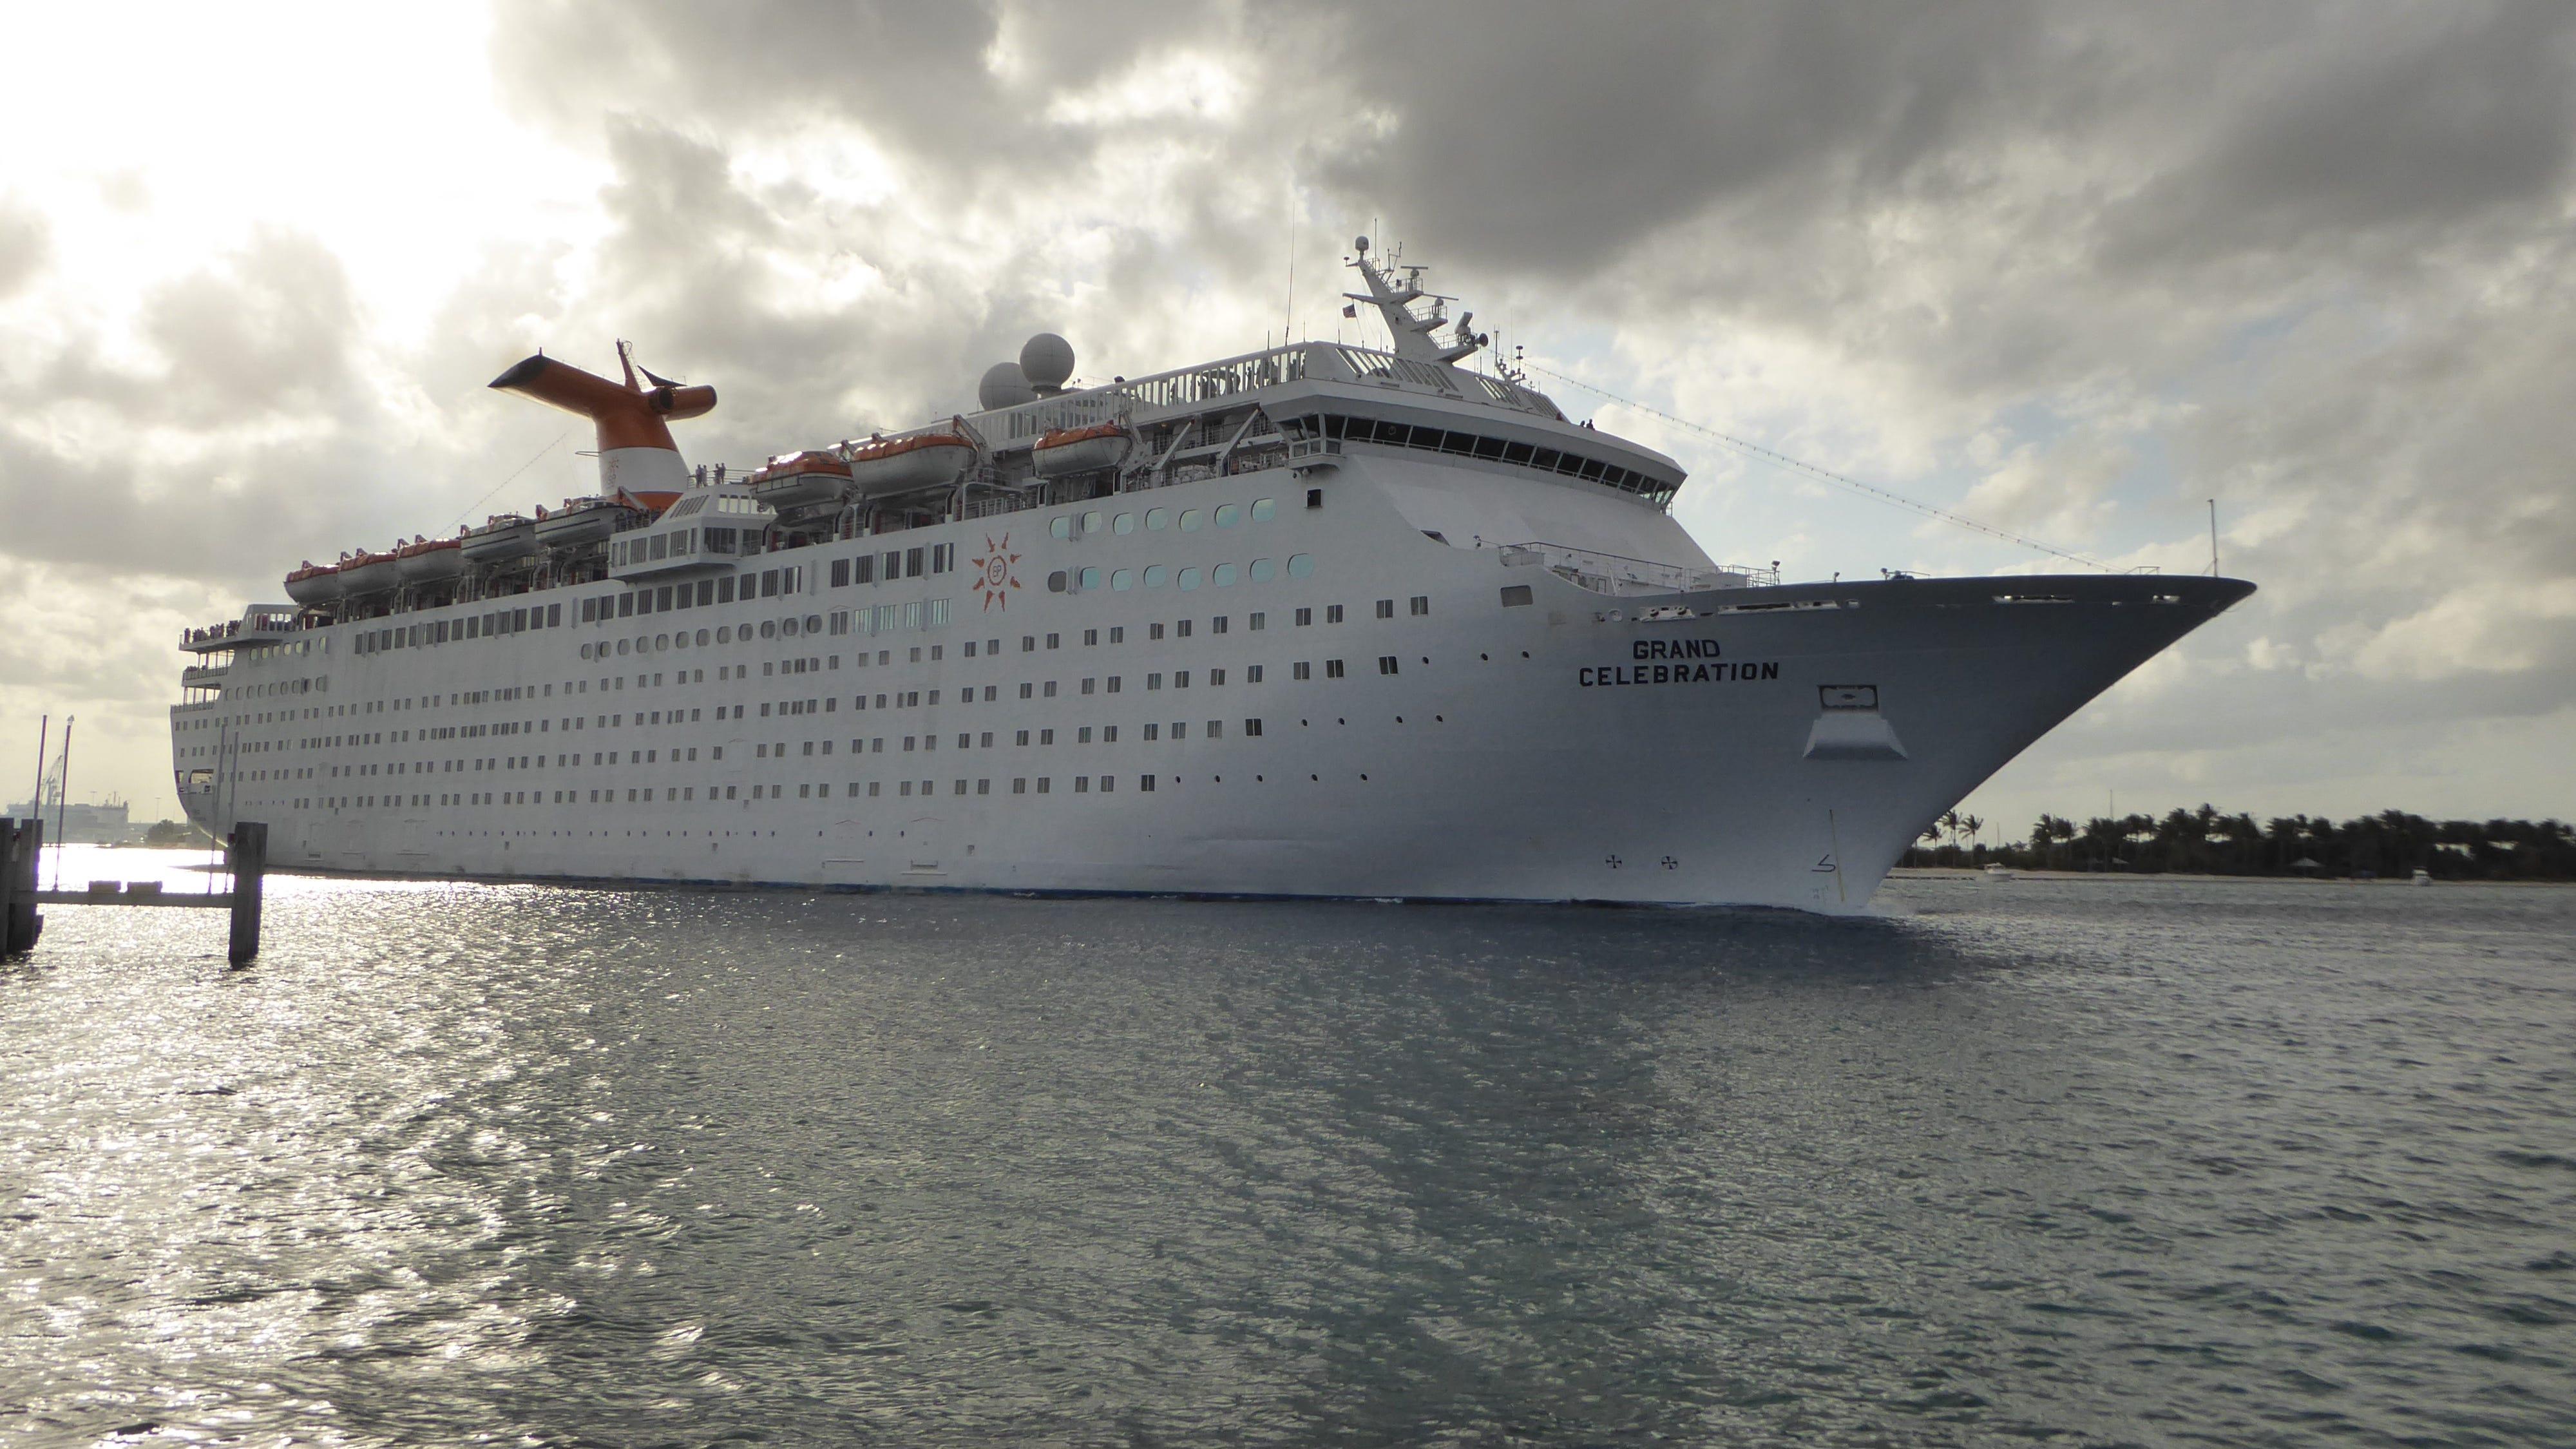 Cruise Ship Tours Bahamas Paradise Cruise Line S Grand Celebration